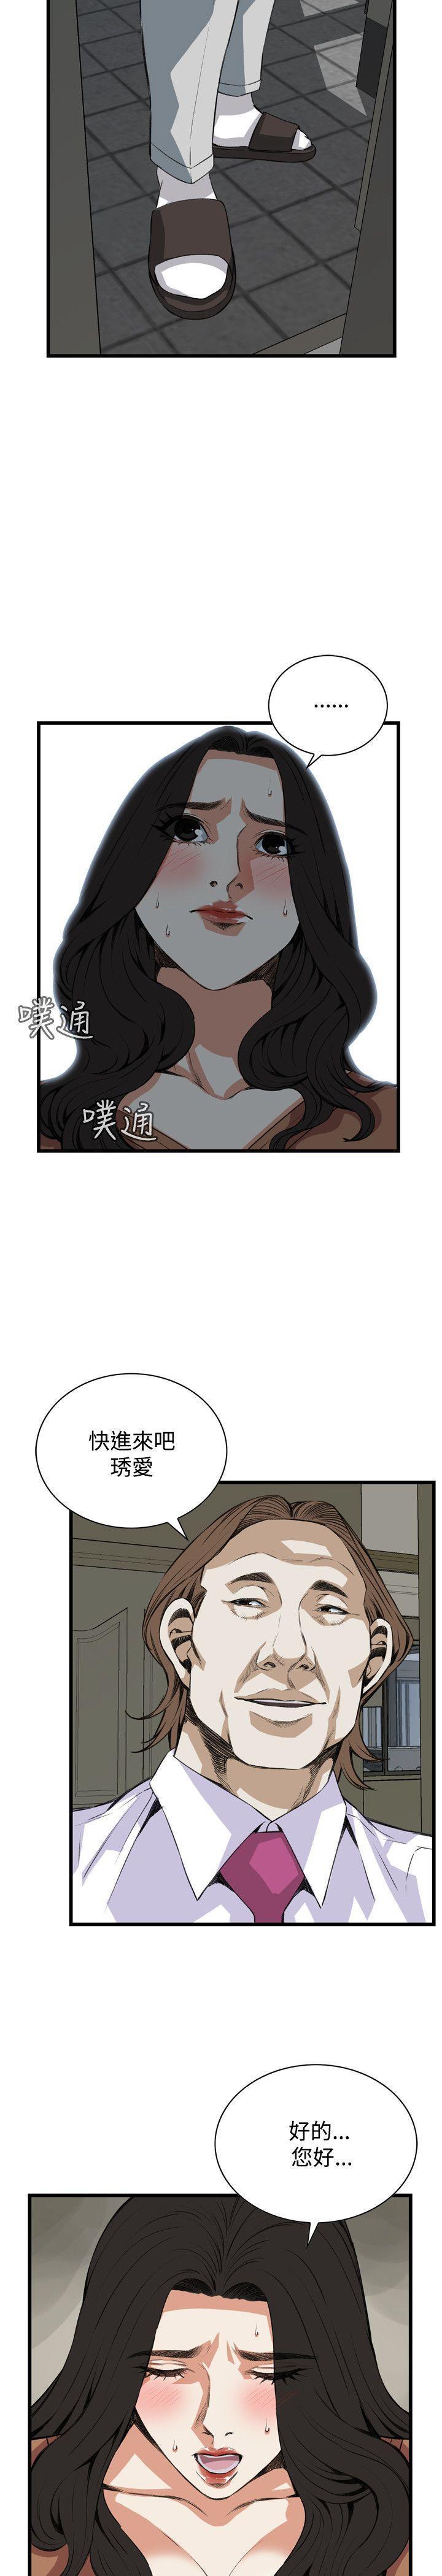 偷窥72-93 Chinese Rsiky 211